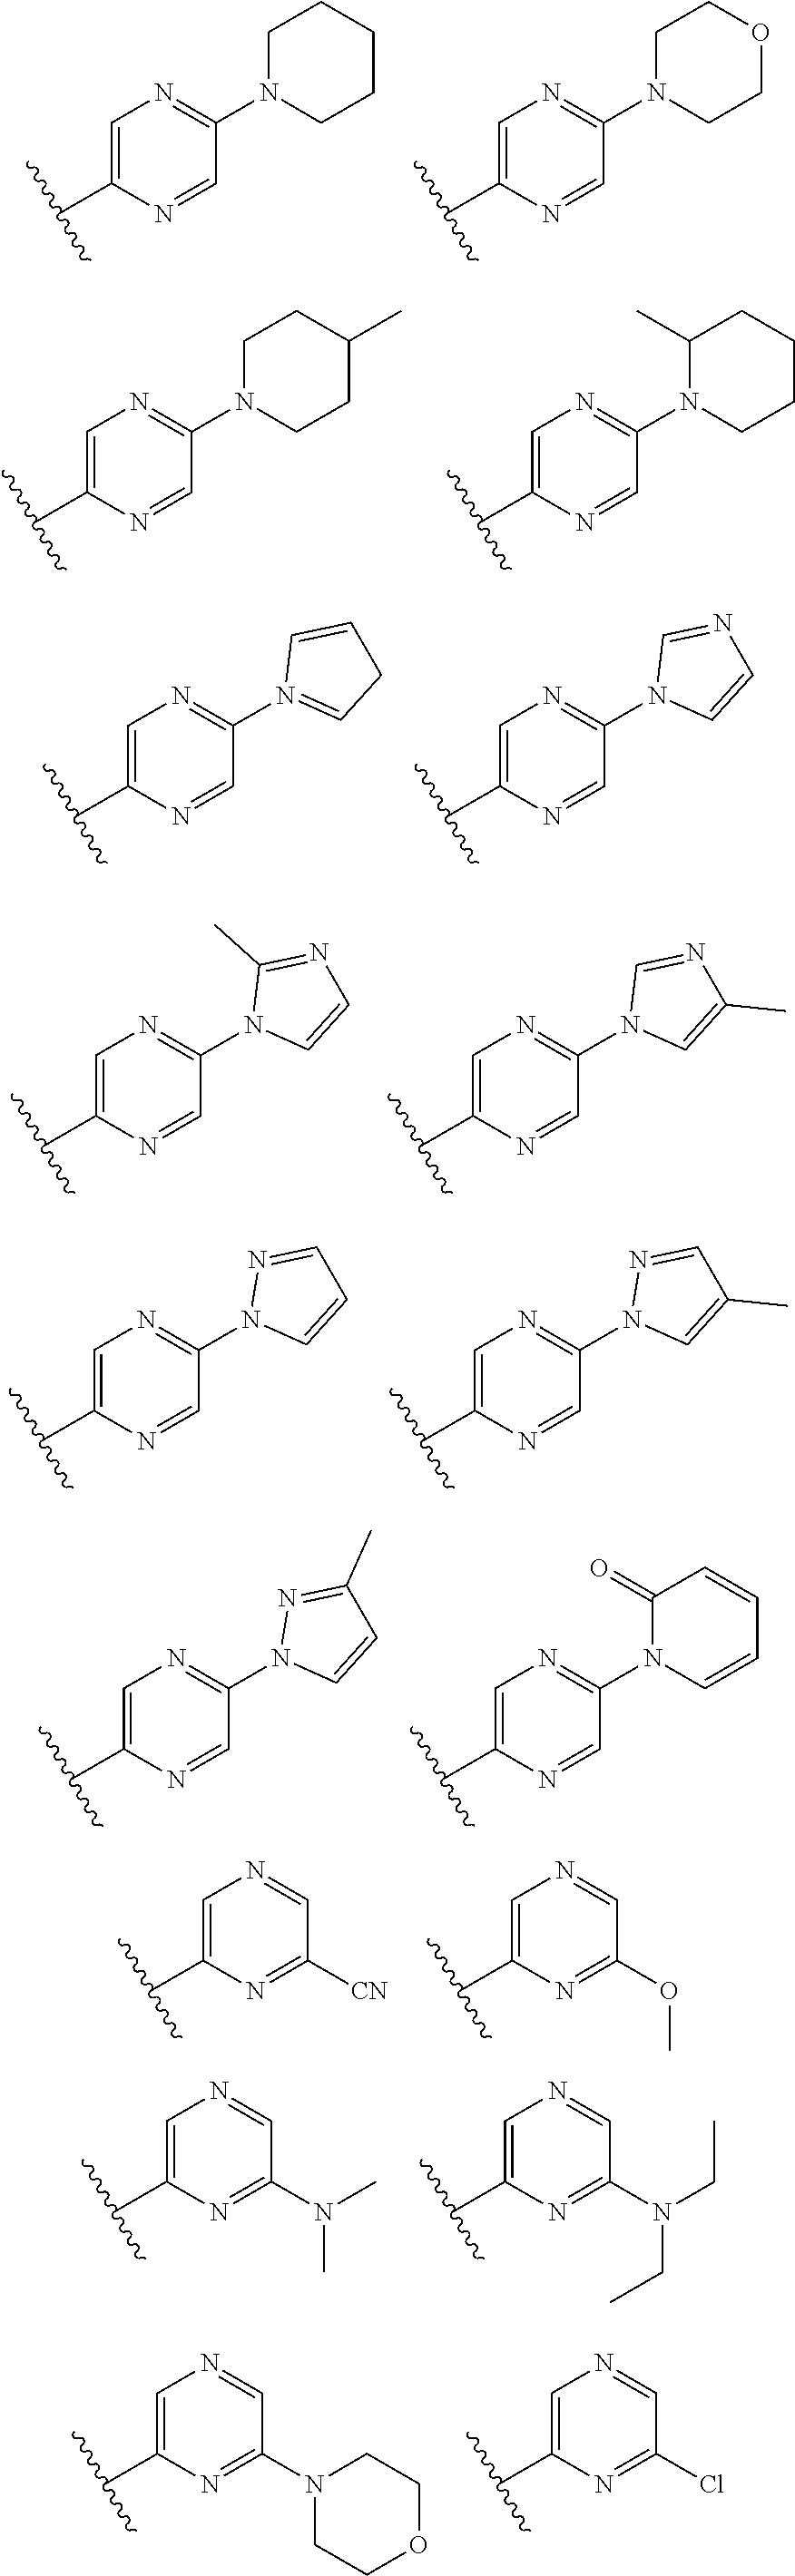 Figure US09790228-20171017-C00030